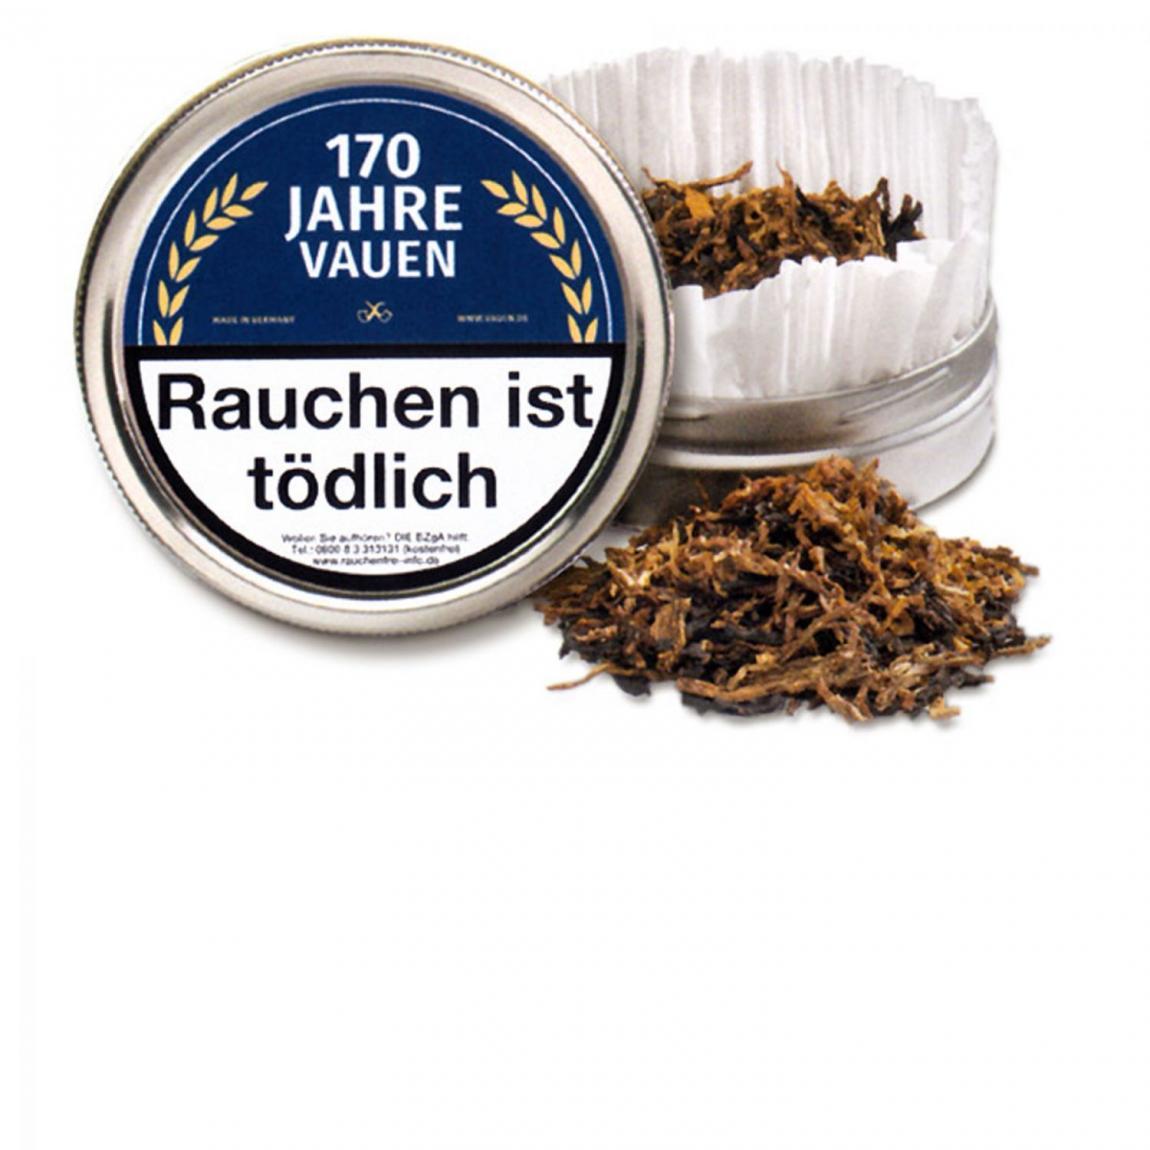 Vauen »170 Jahre Jubiläums-Edition« 50g Dose